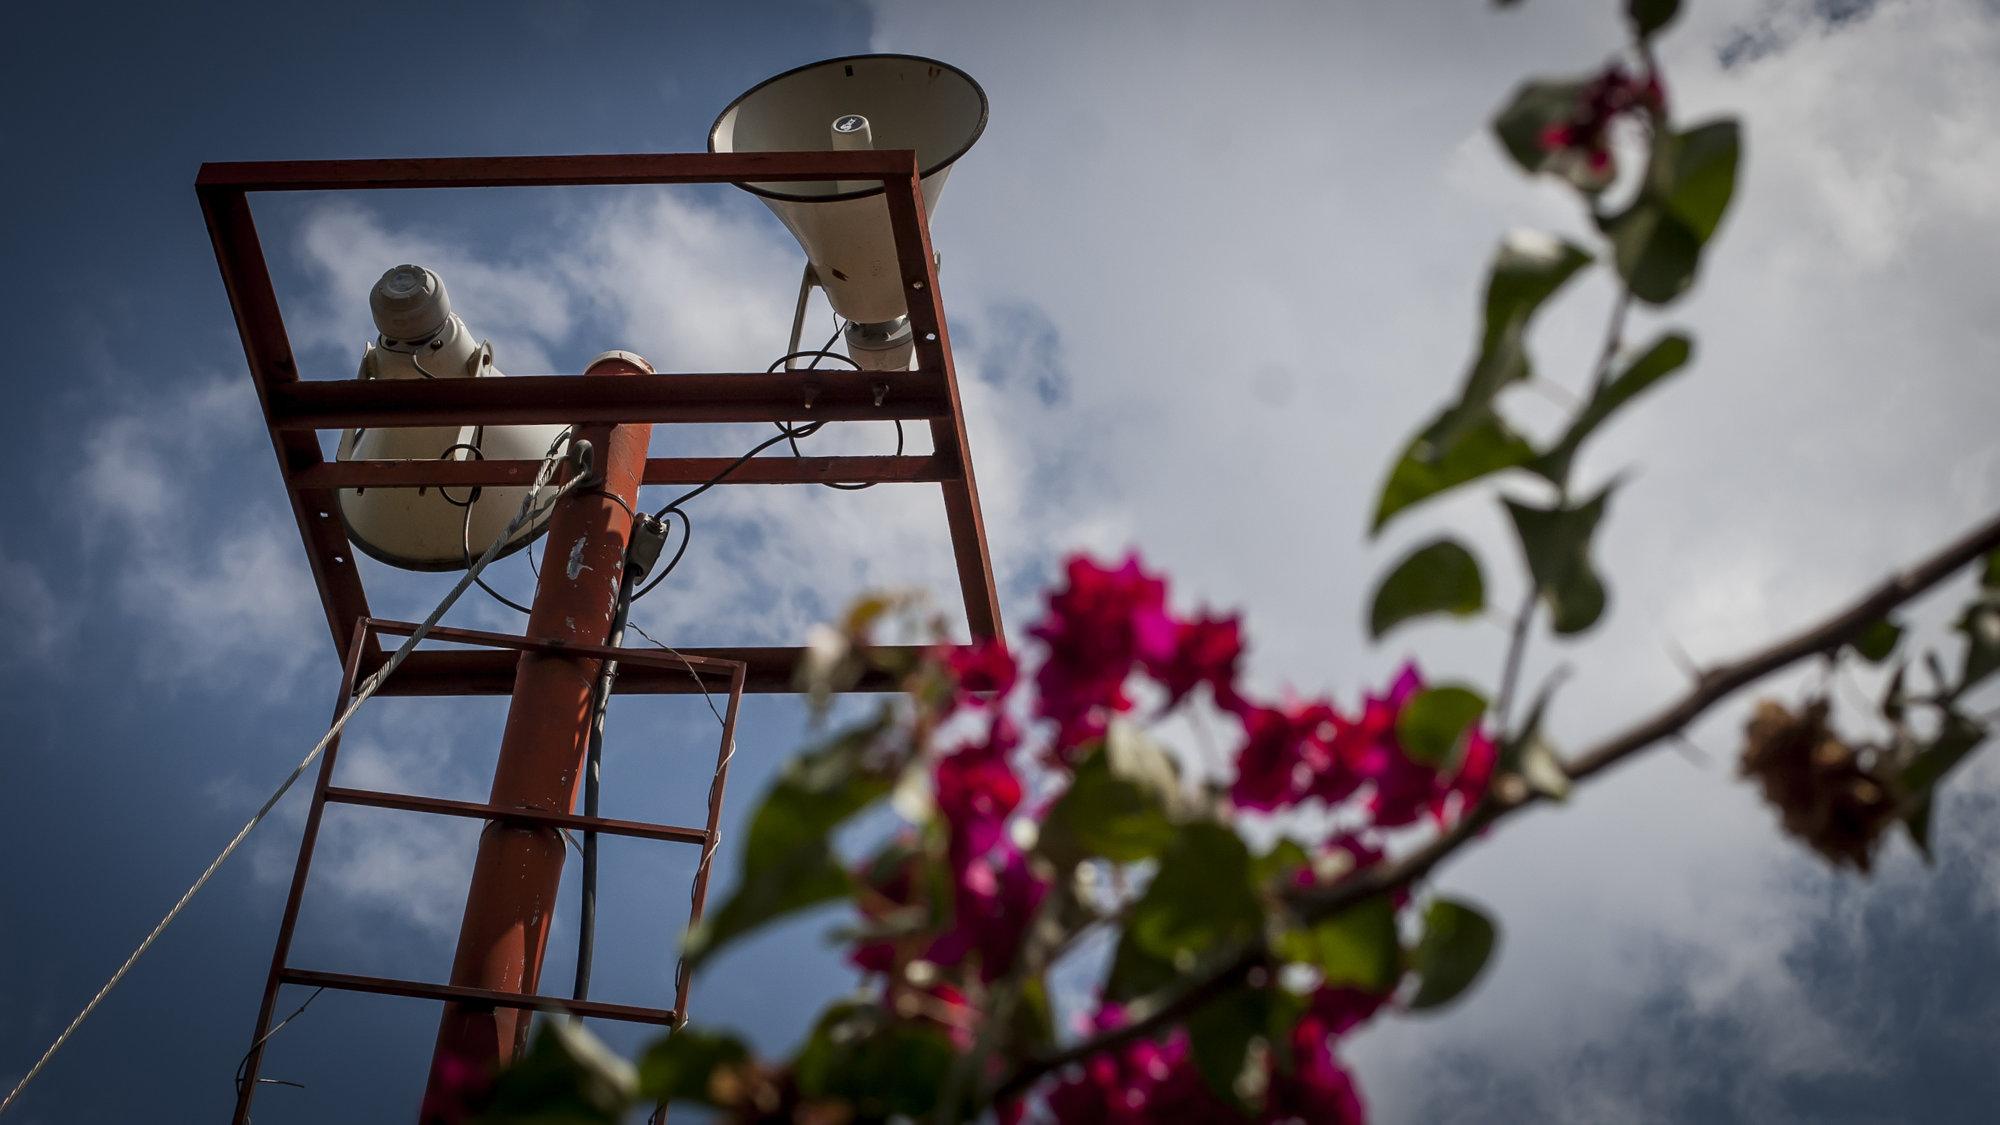 Transcripción: las radios silenciadas de Tacuba